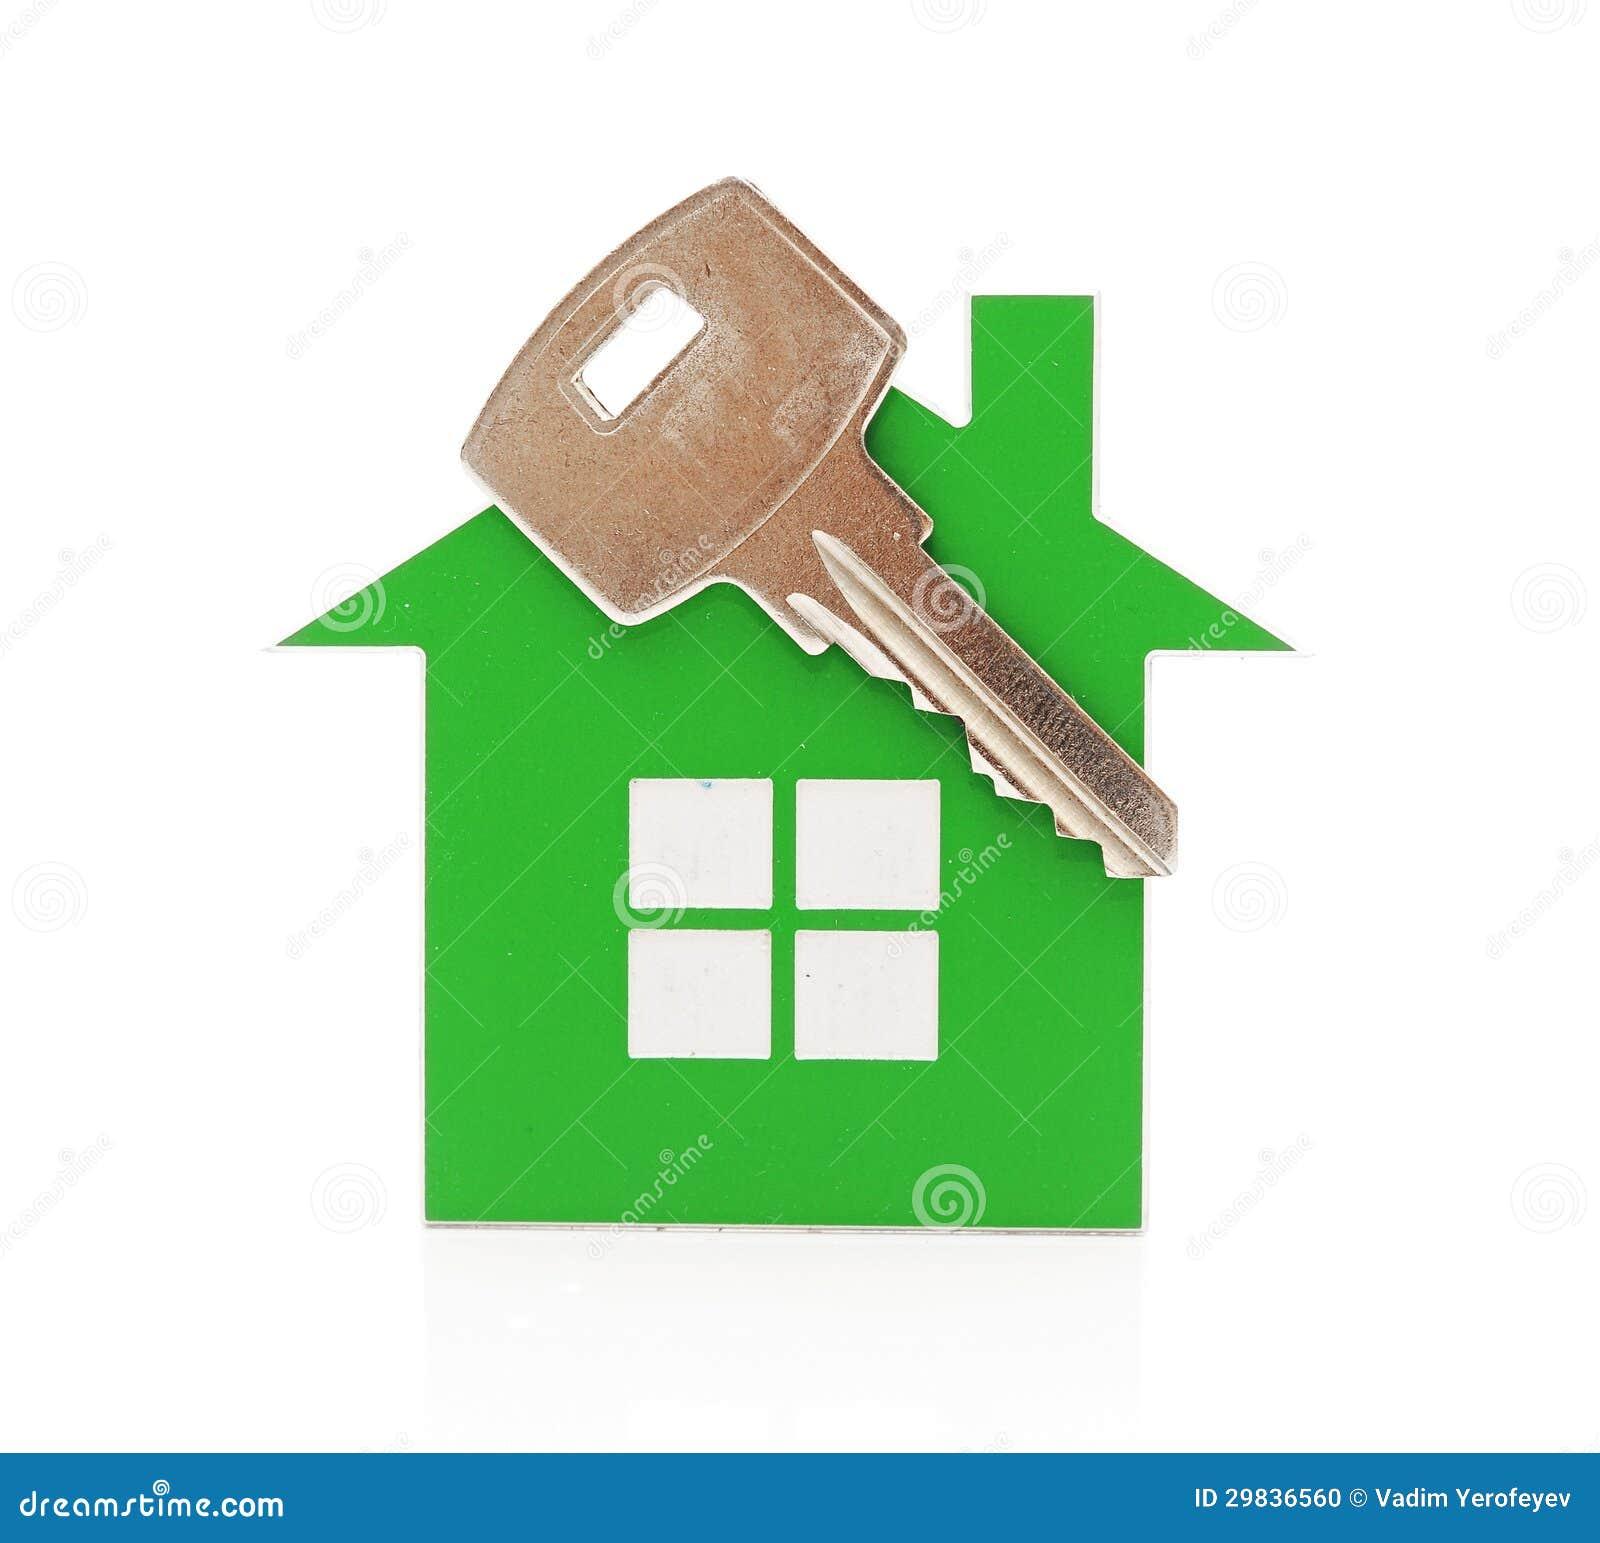 Key chain shaped like a house stock photo image 29836560 for Business cards shaped like a house